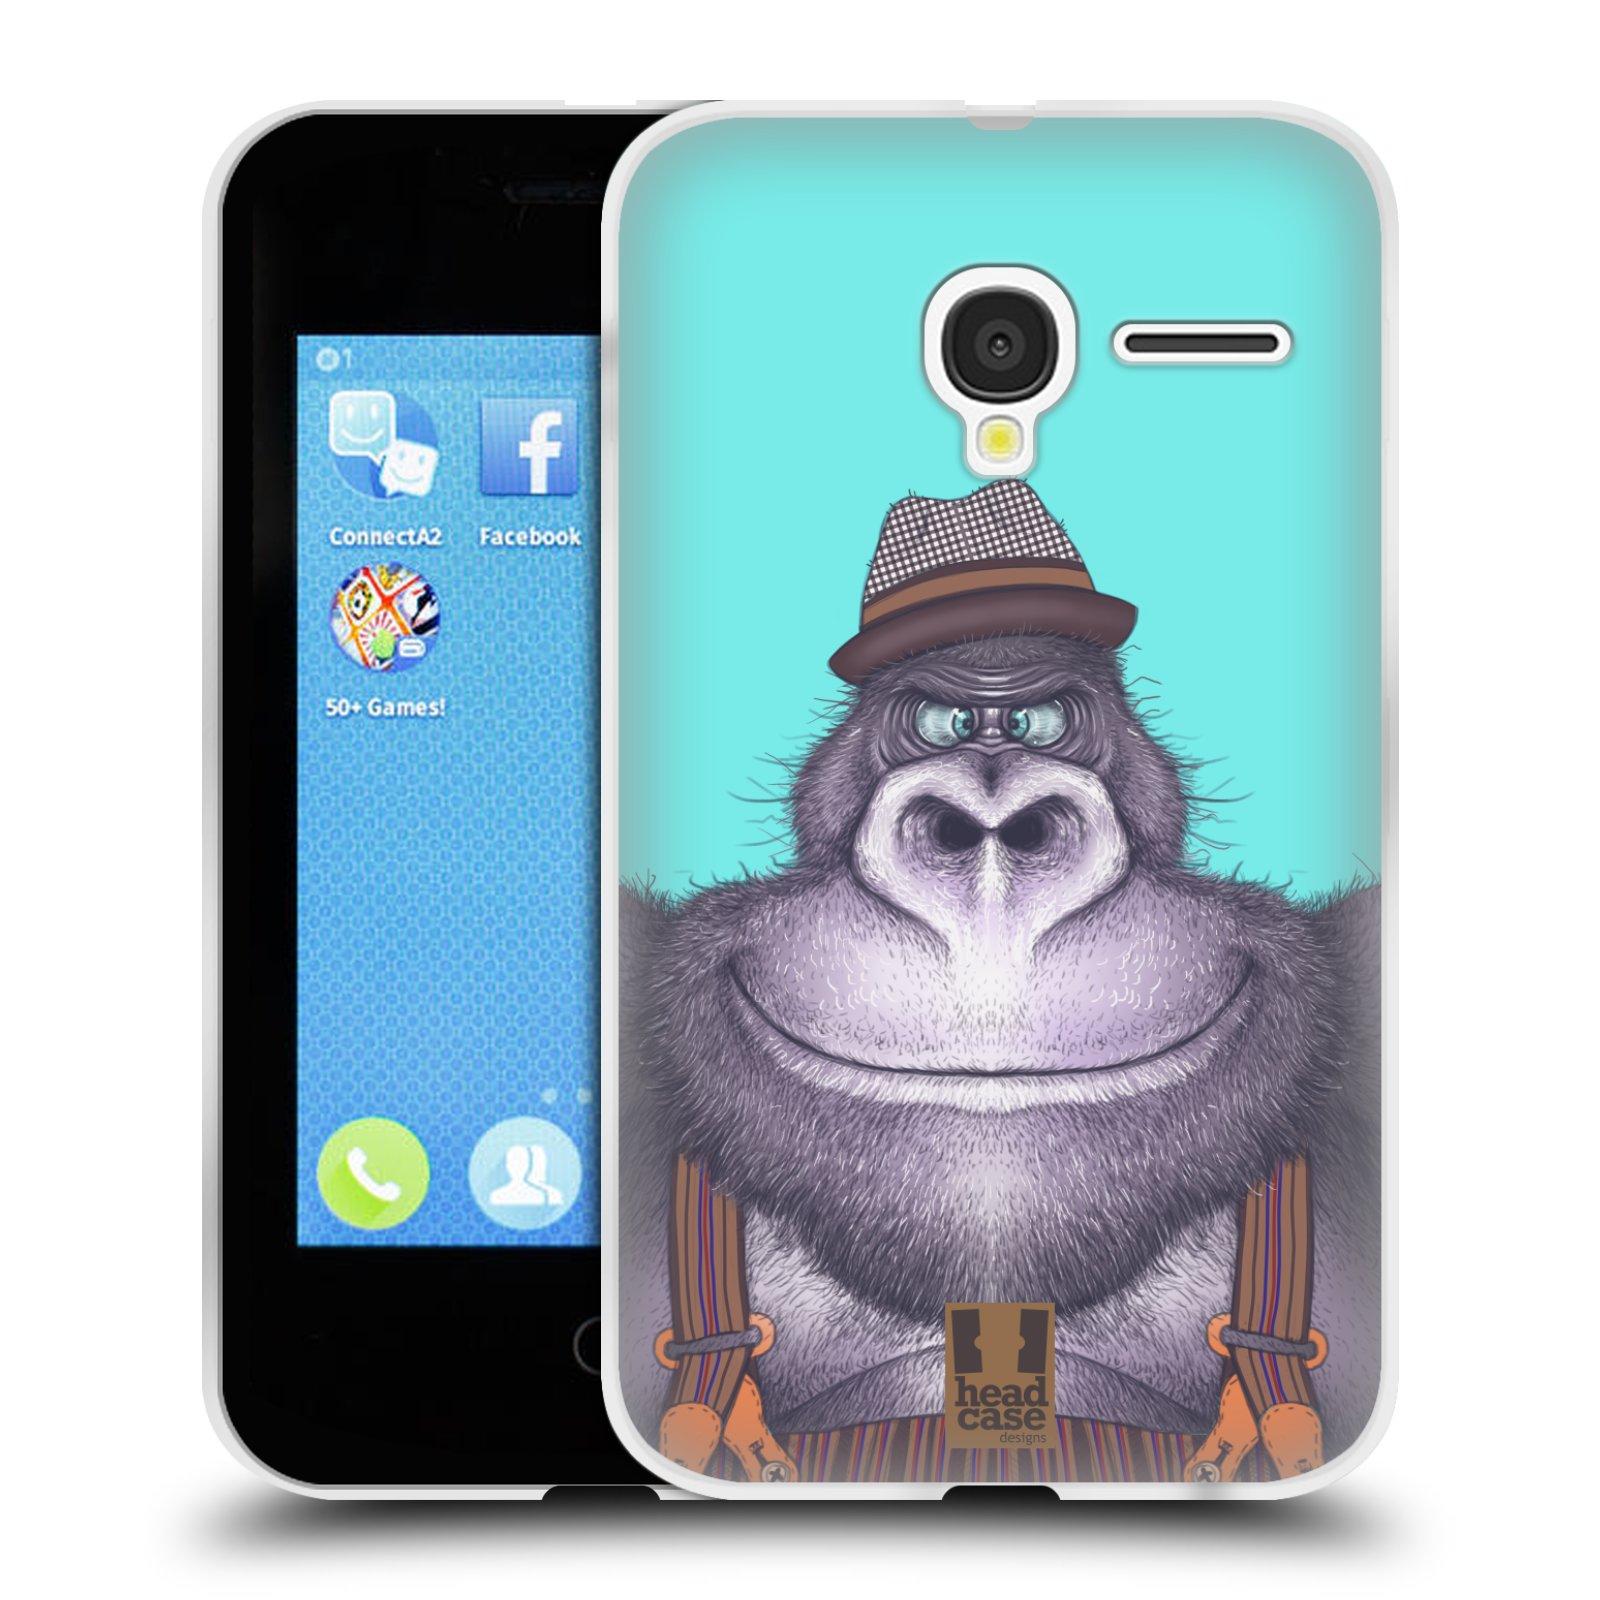 HEAD CASE silikonový obal na mobil Alcatel PIXI 3 OT-4022D (3,5 palcový displej) vzor Kreslená zvířátka gorila